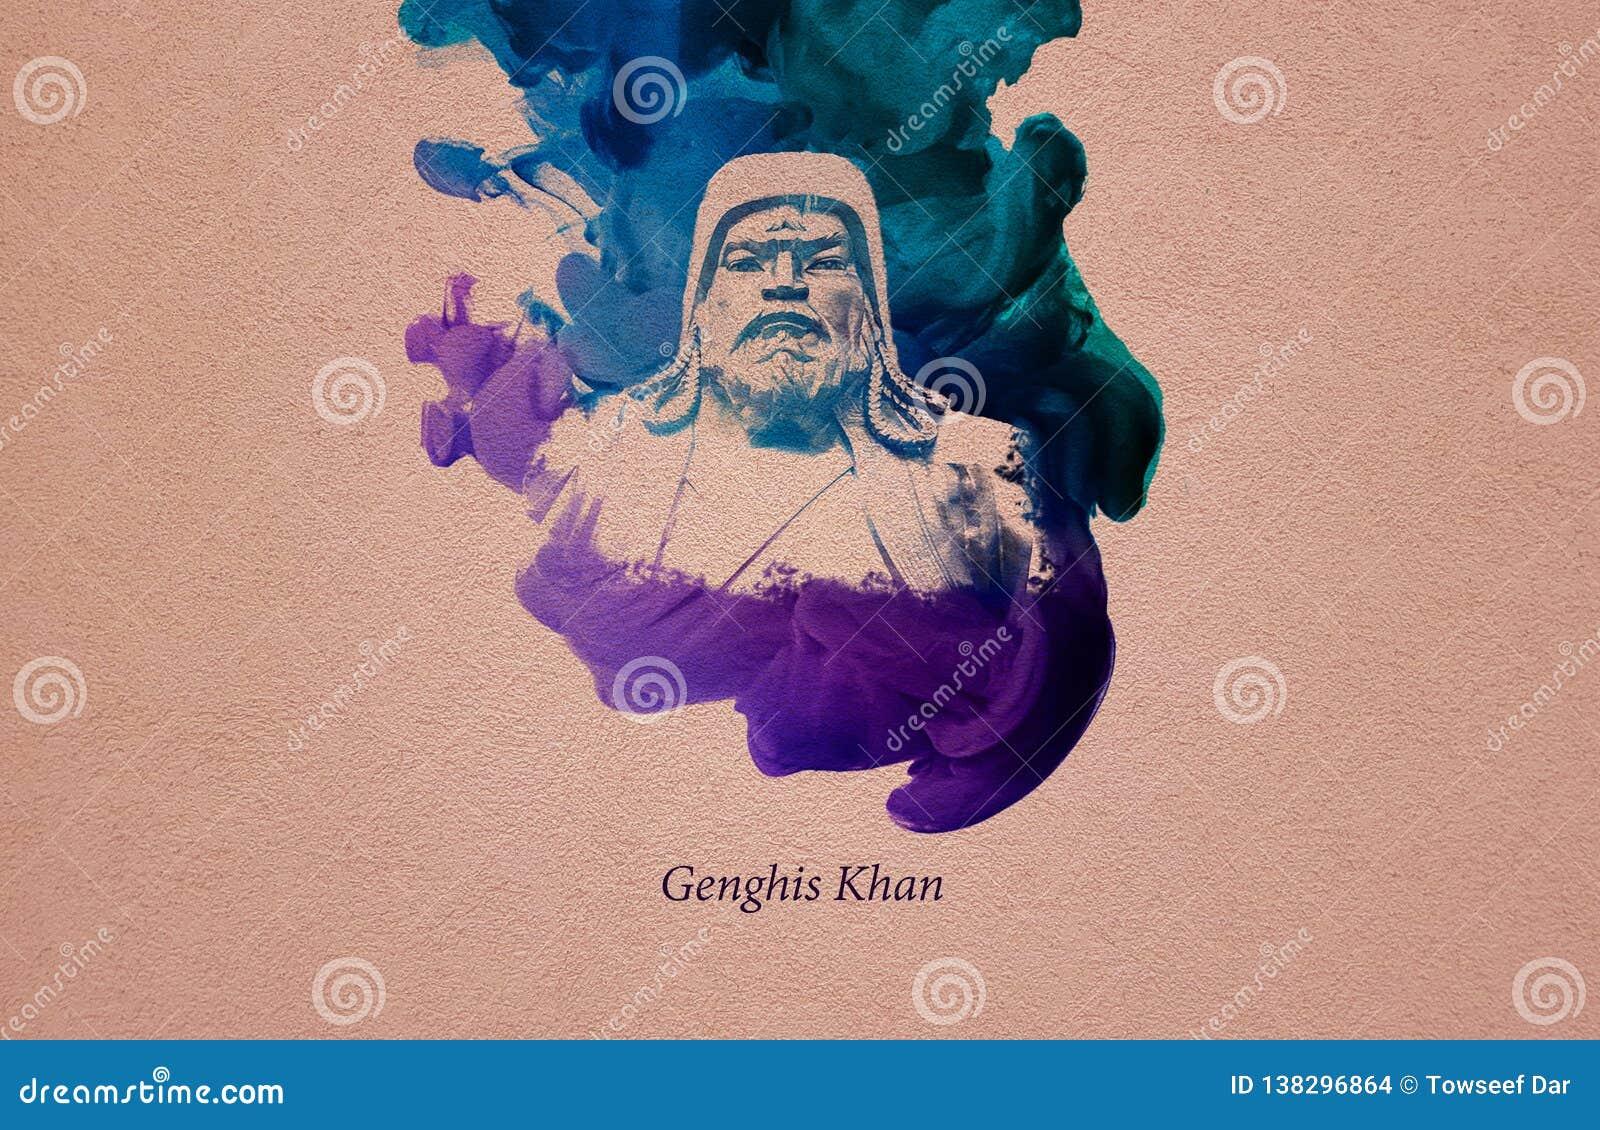 Empereur Genghis Khan